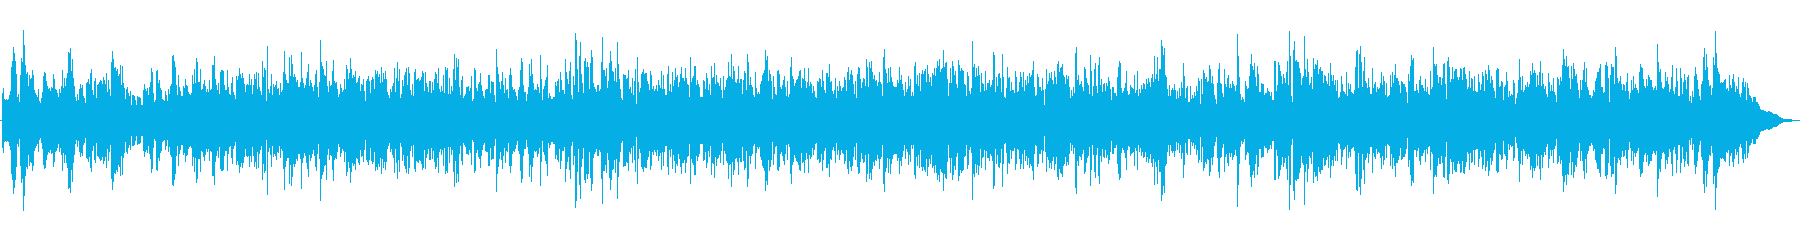 JAZZ|映像制作・店舗・施設向けBGMの再生済みの波形